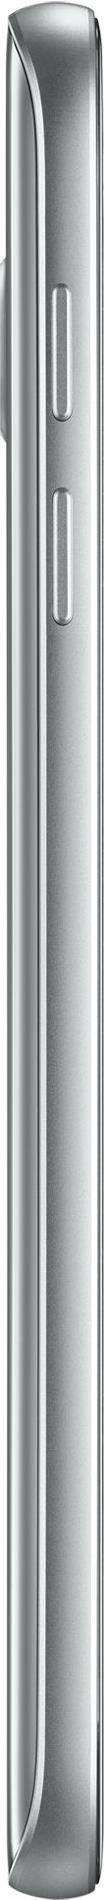 Мобильный телефон Samsung Galaxy S7 Duos G930 (SM-G930FZSUSEK) Silver - 3